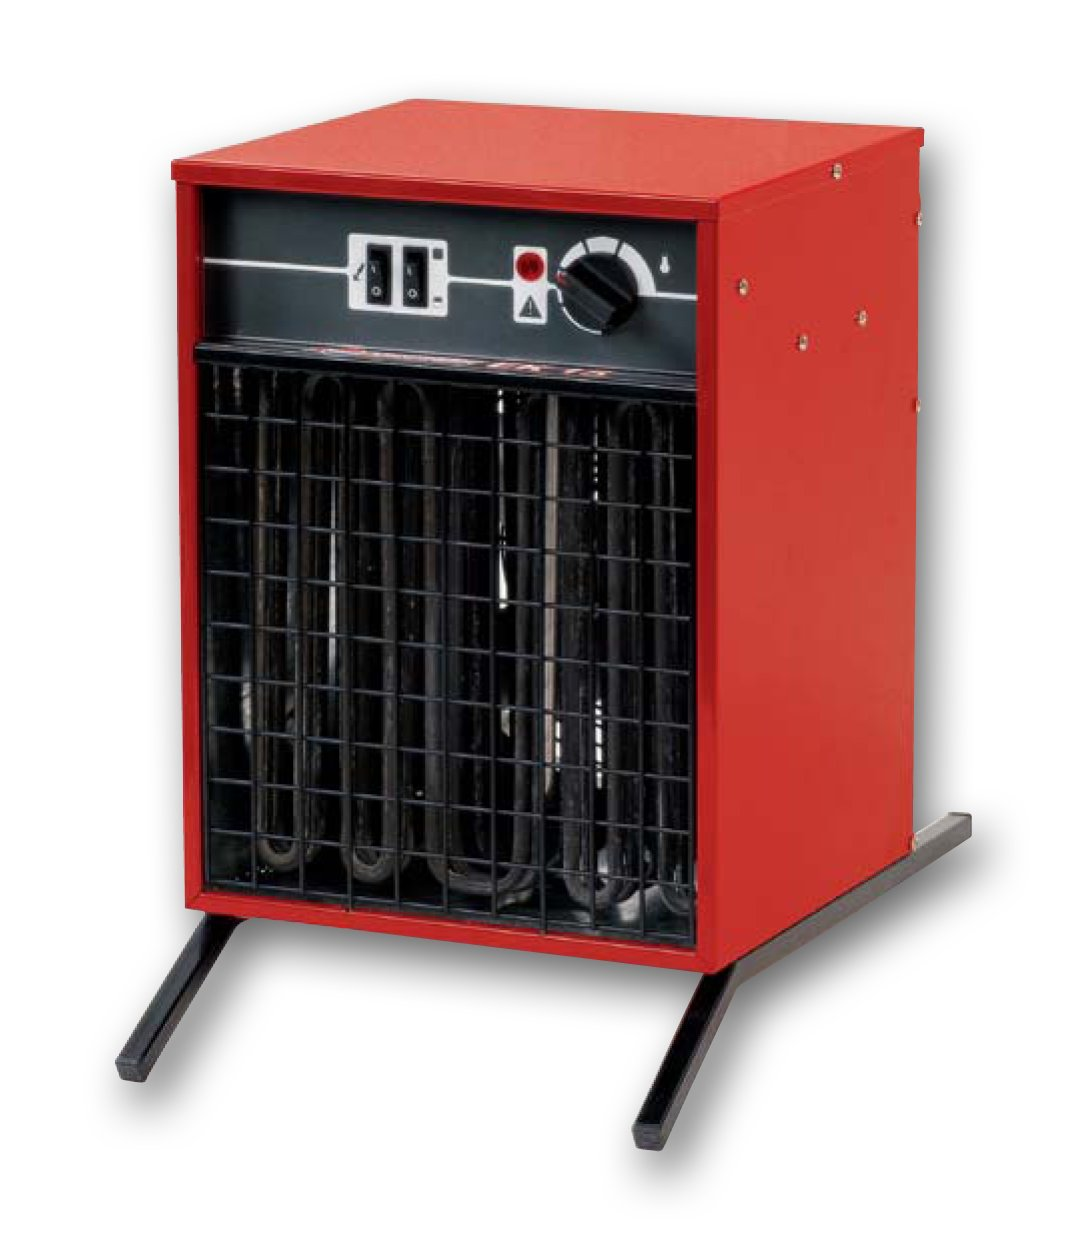 Generatori per il riscaldamento elettrico - Noleggio Riscaldamento